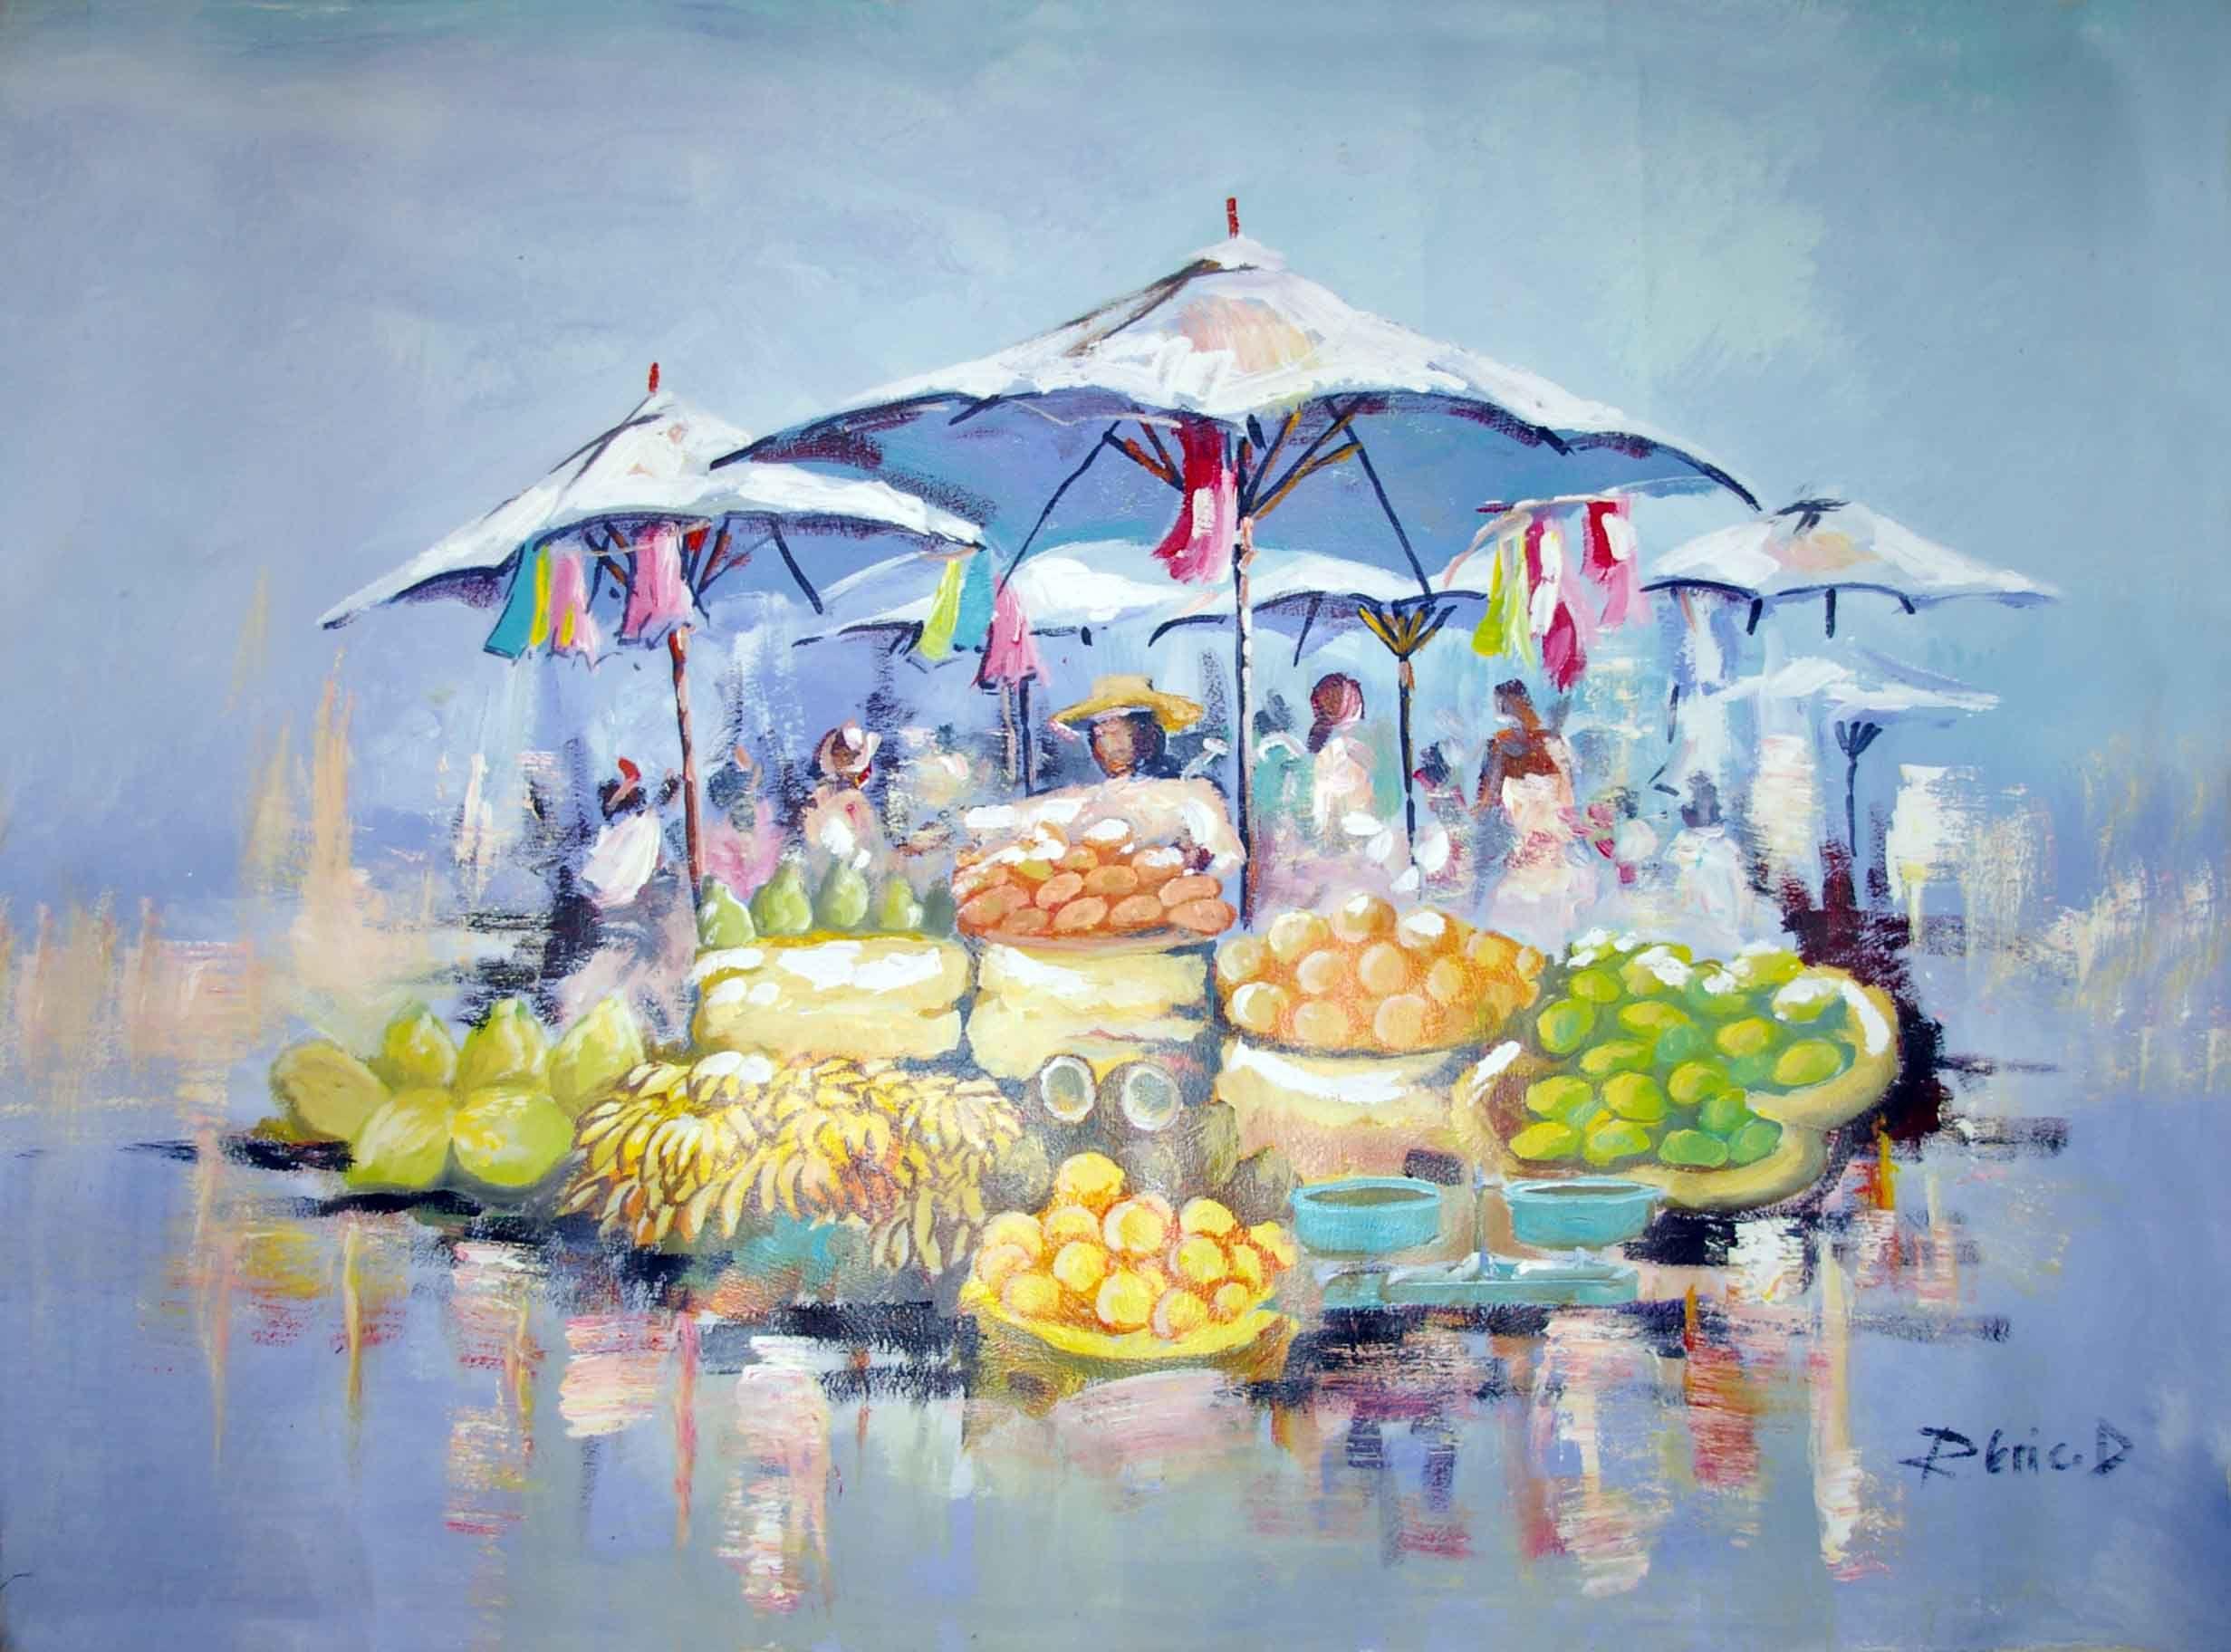 Le Marche Aux Fruits A Tananarive Peinture Typique Malgache